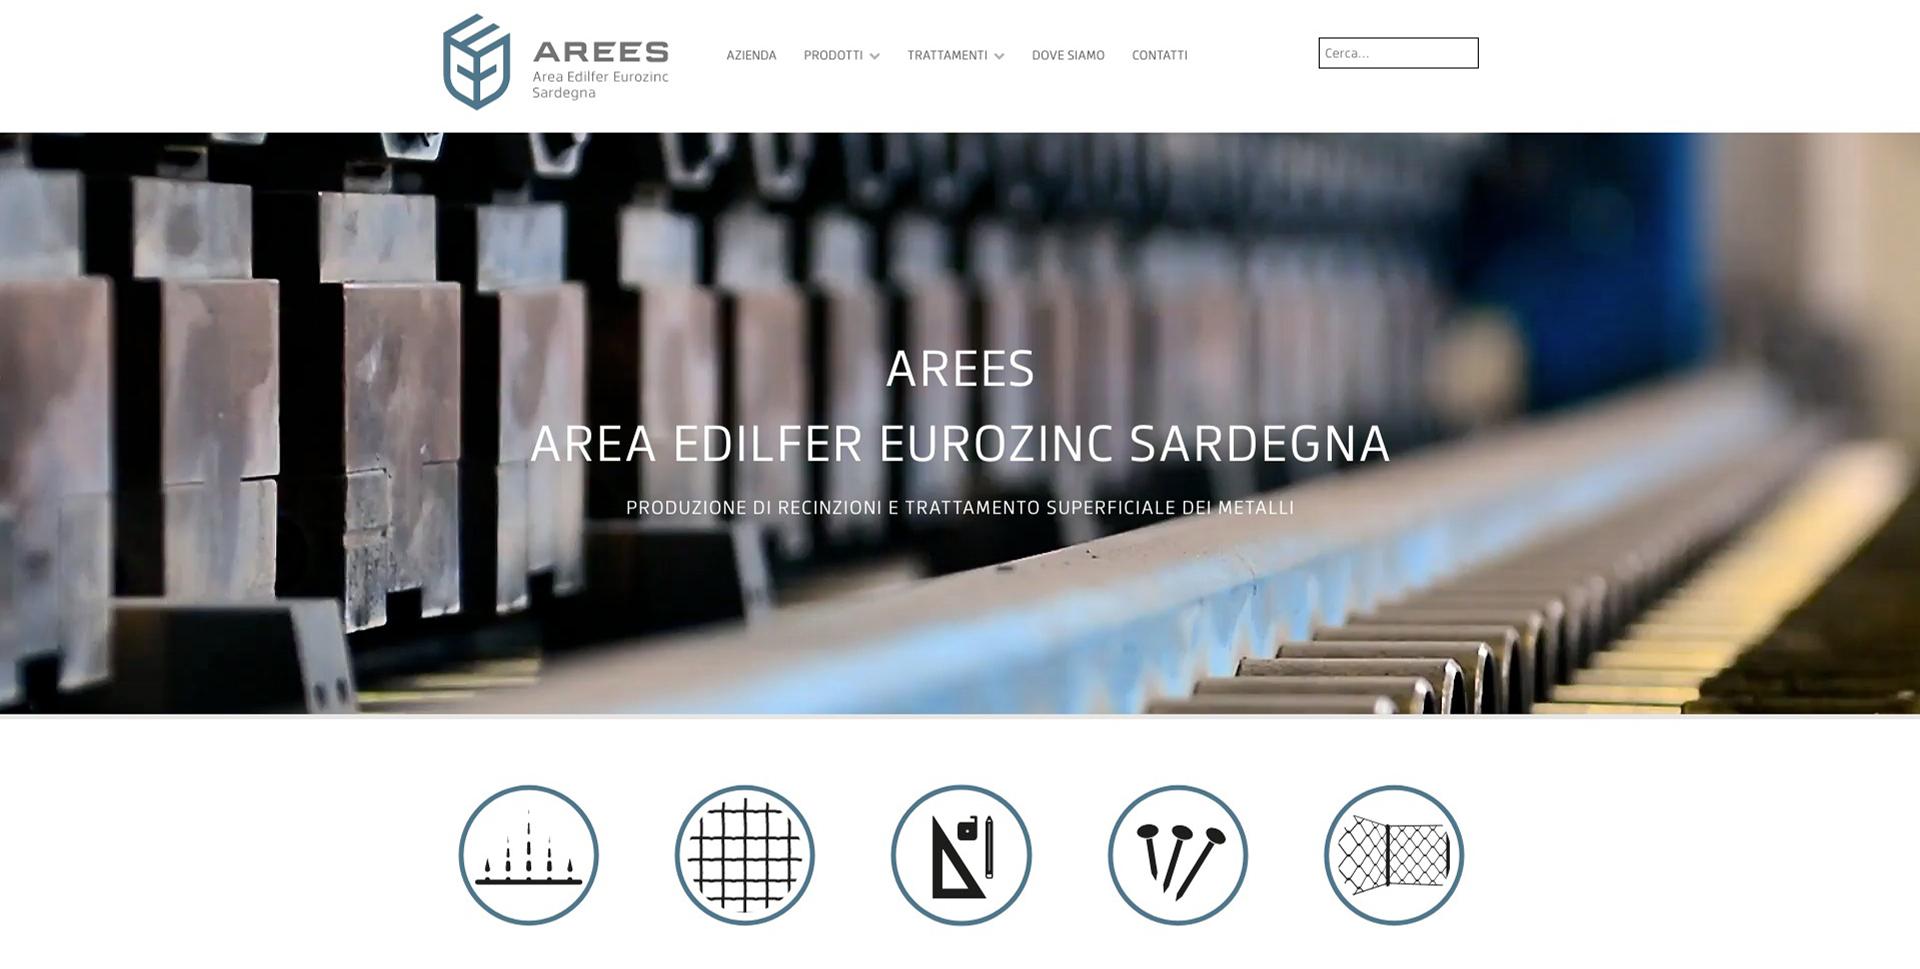 AREES AREA EDILFER EUROZINC SARDEGNA